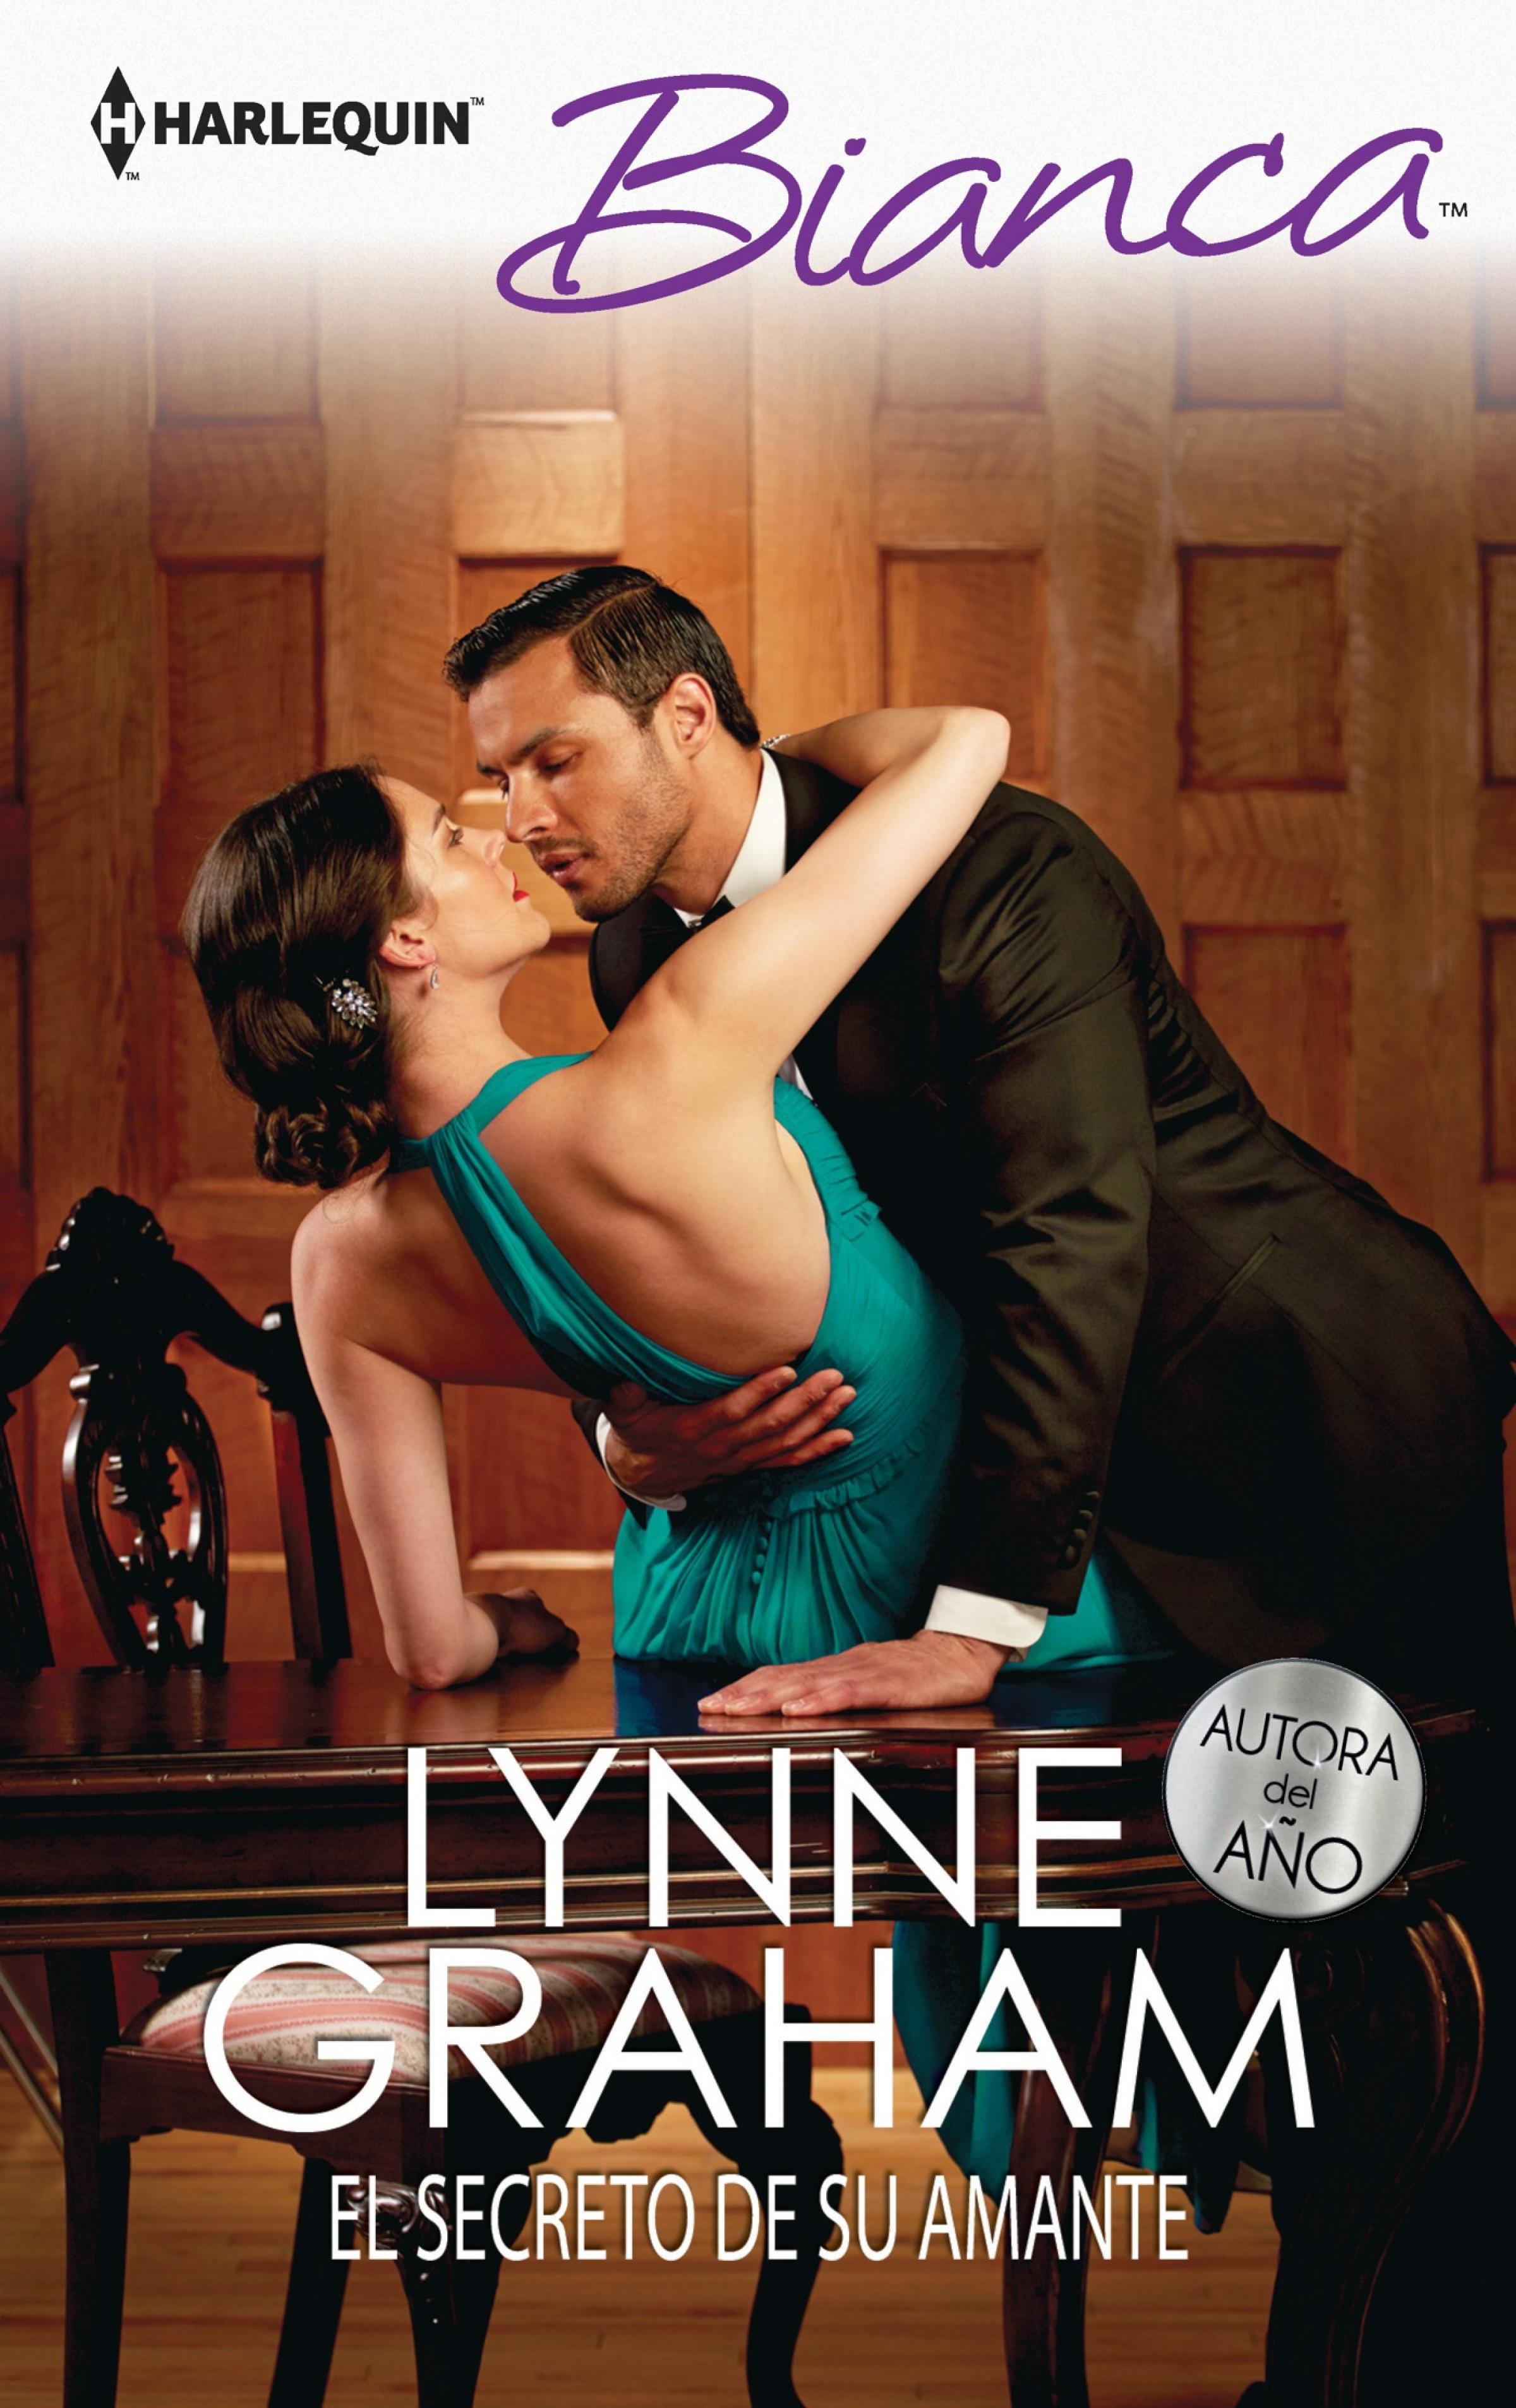 LYNNE GRAHAM El secreto de su amante lynne graham a amante do chefe